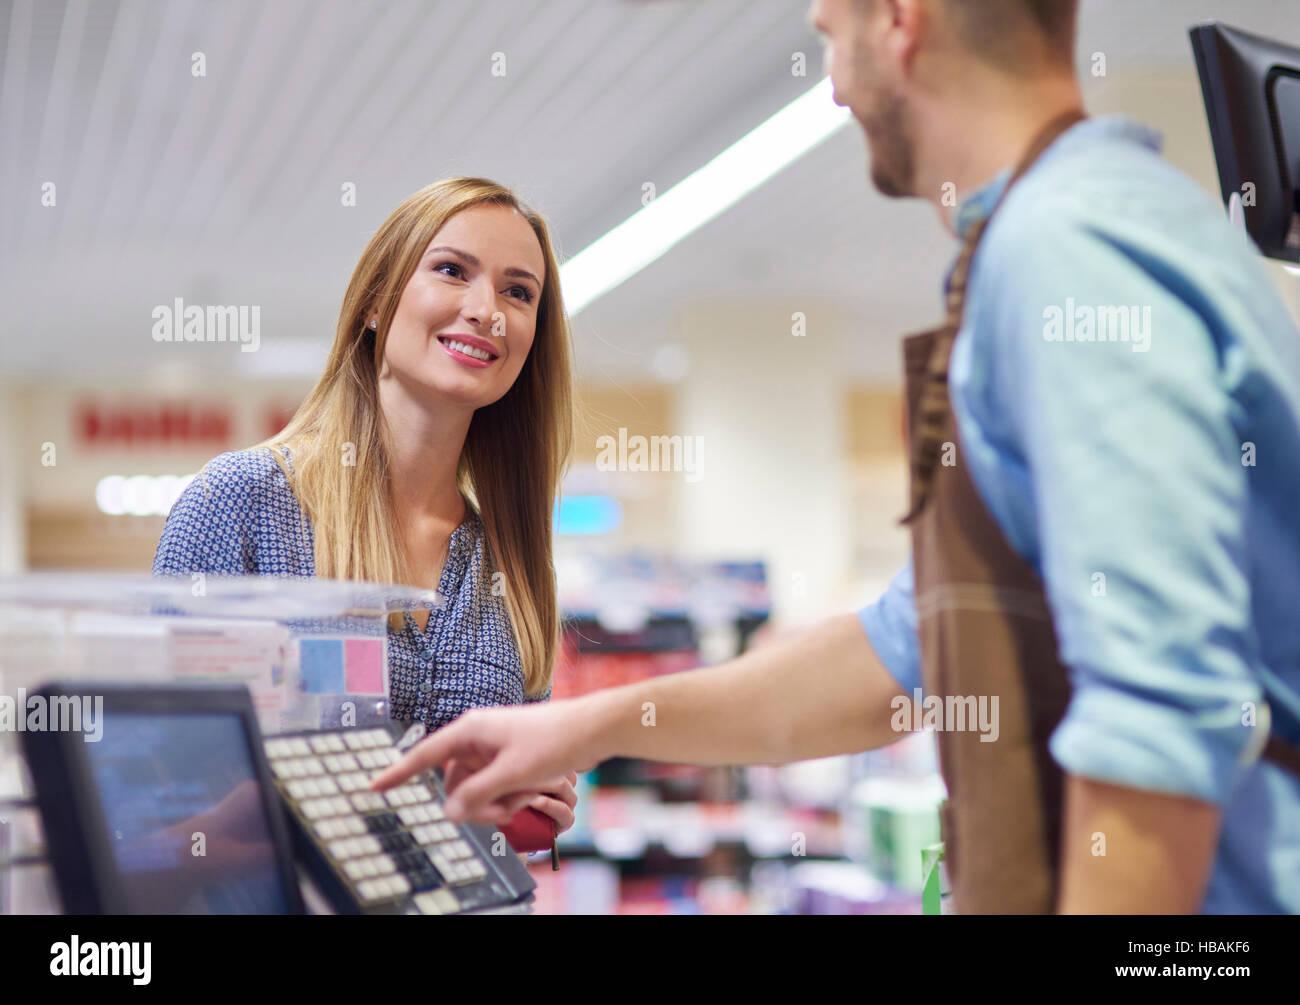 w next to cash register talking s clerk stock photo stock photo w next to cash register talking s clerk